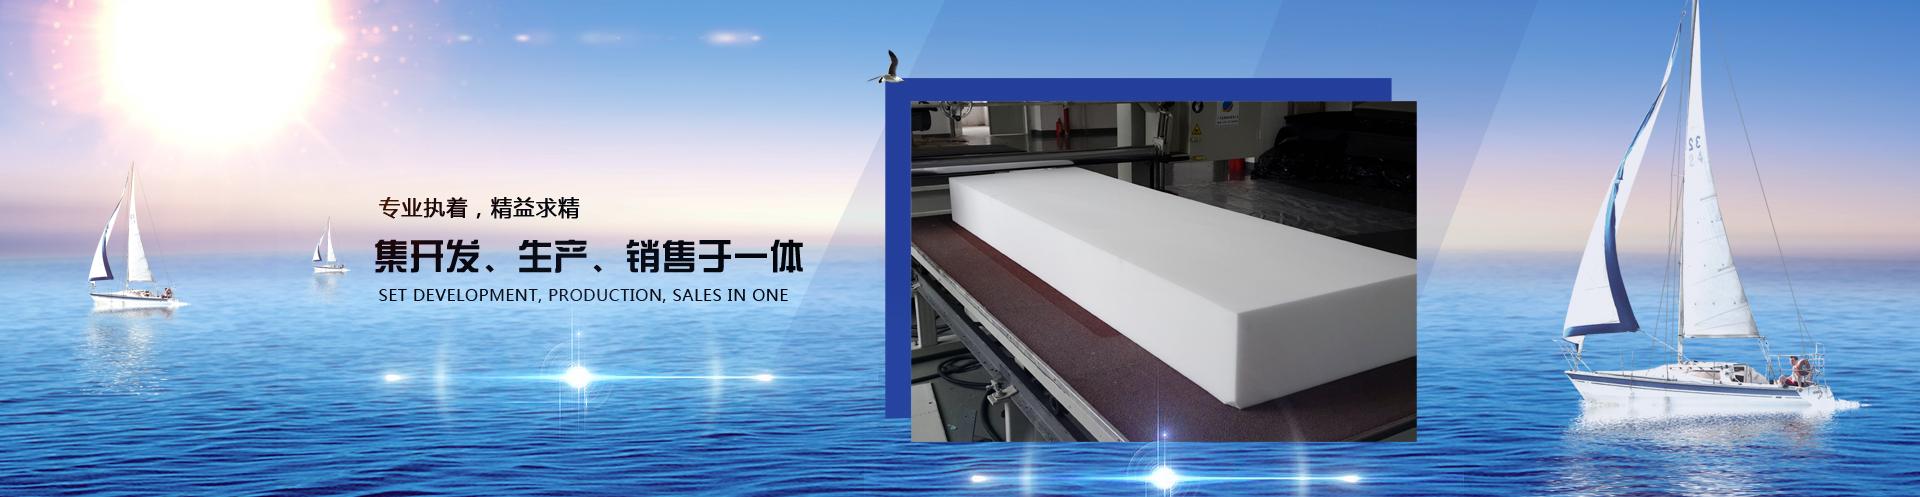 重慶海綿廠家